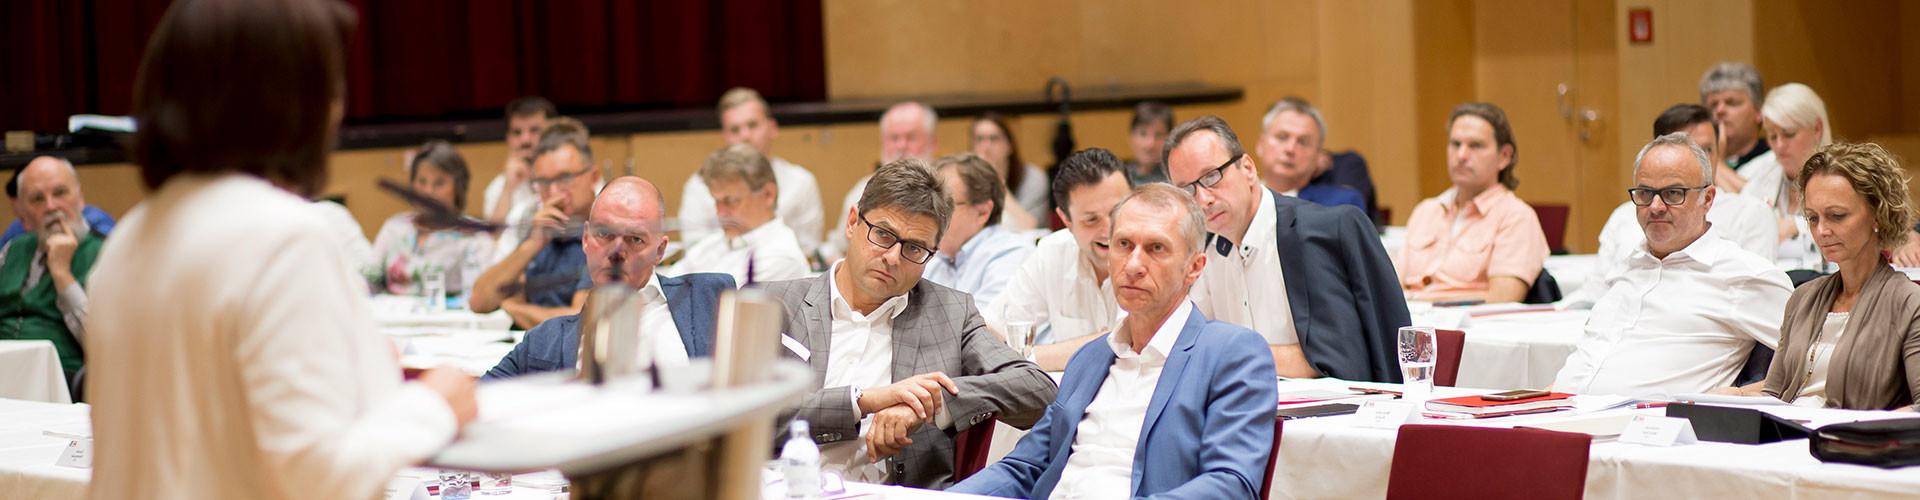 Politische Vertreter wirken auch in der AK Steiermark. © Graf-Putz, AK Stmk